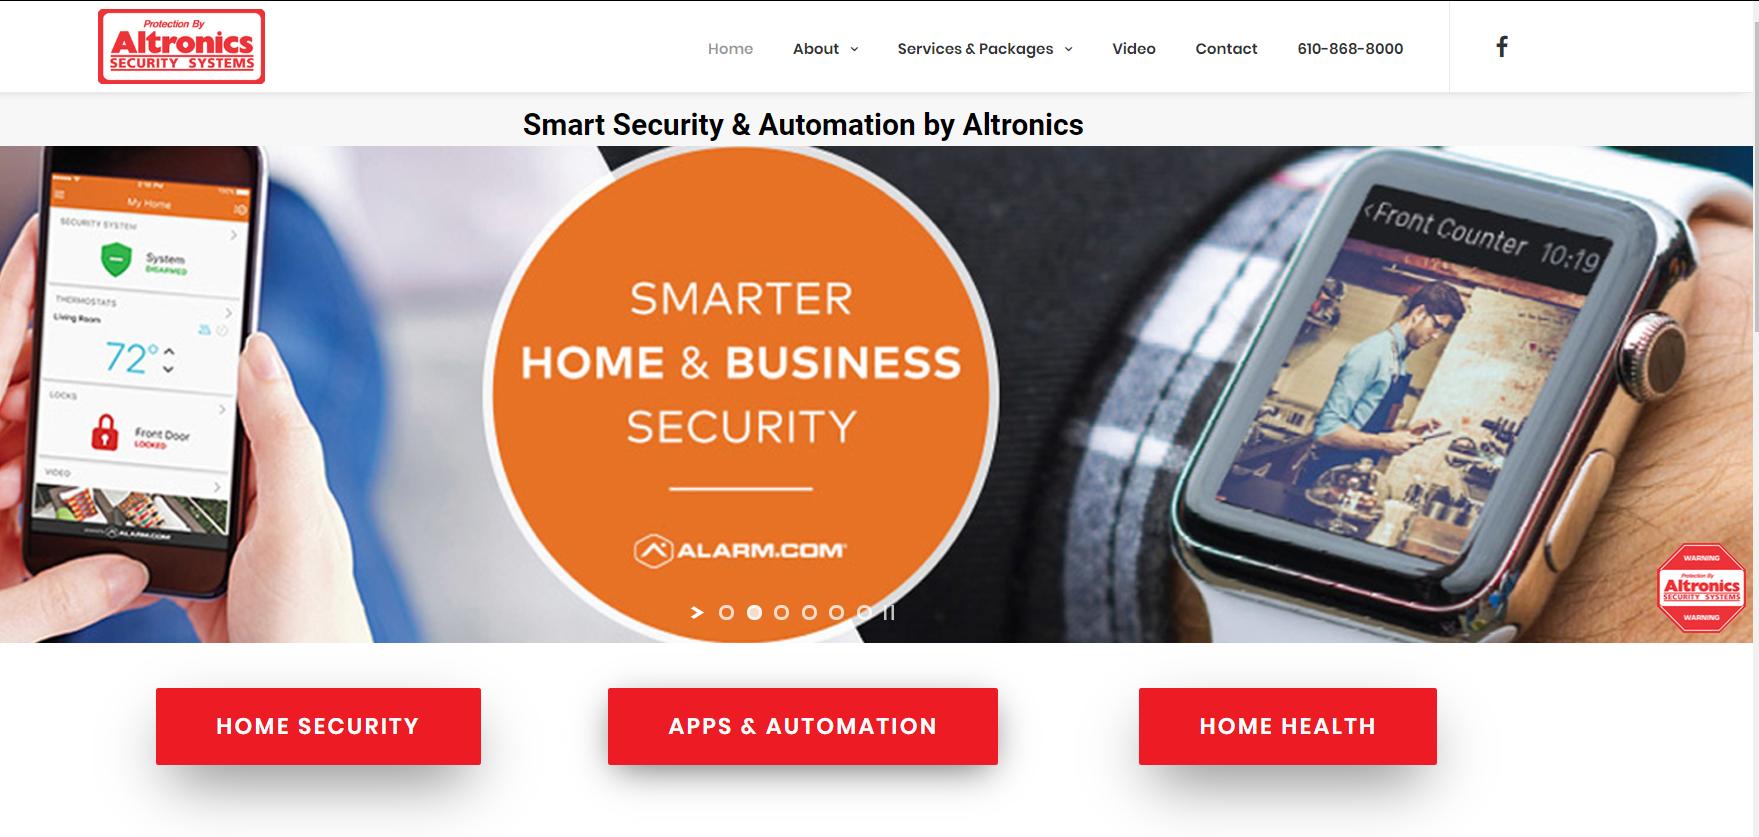 Altronics Security